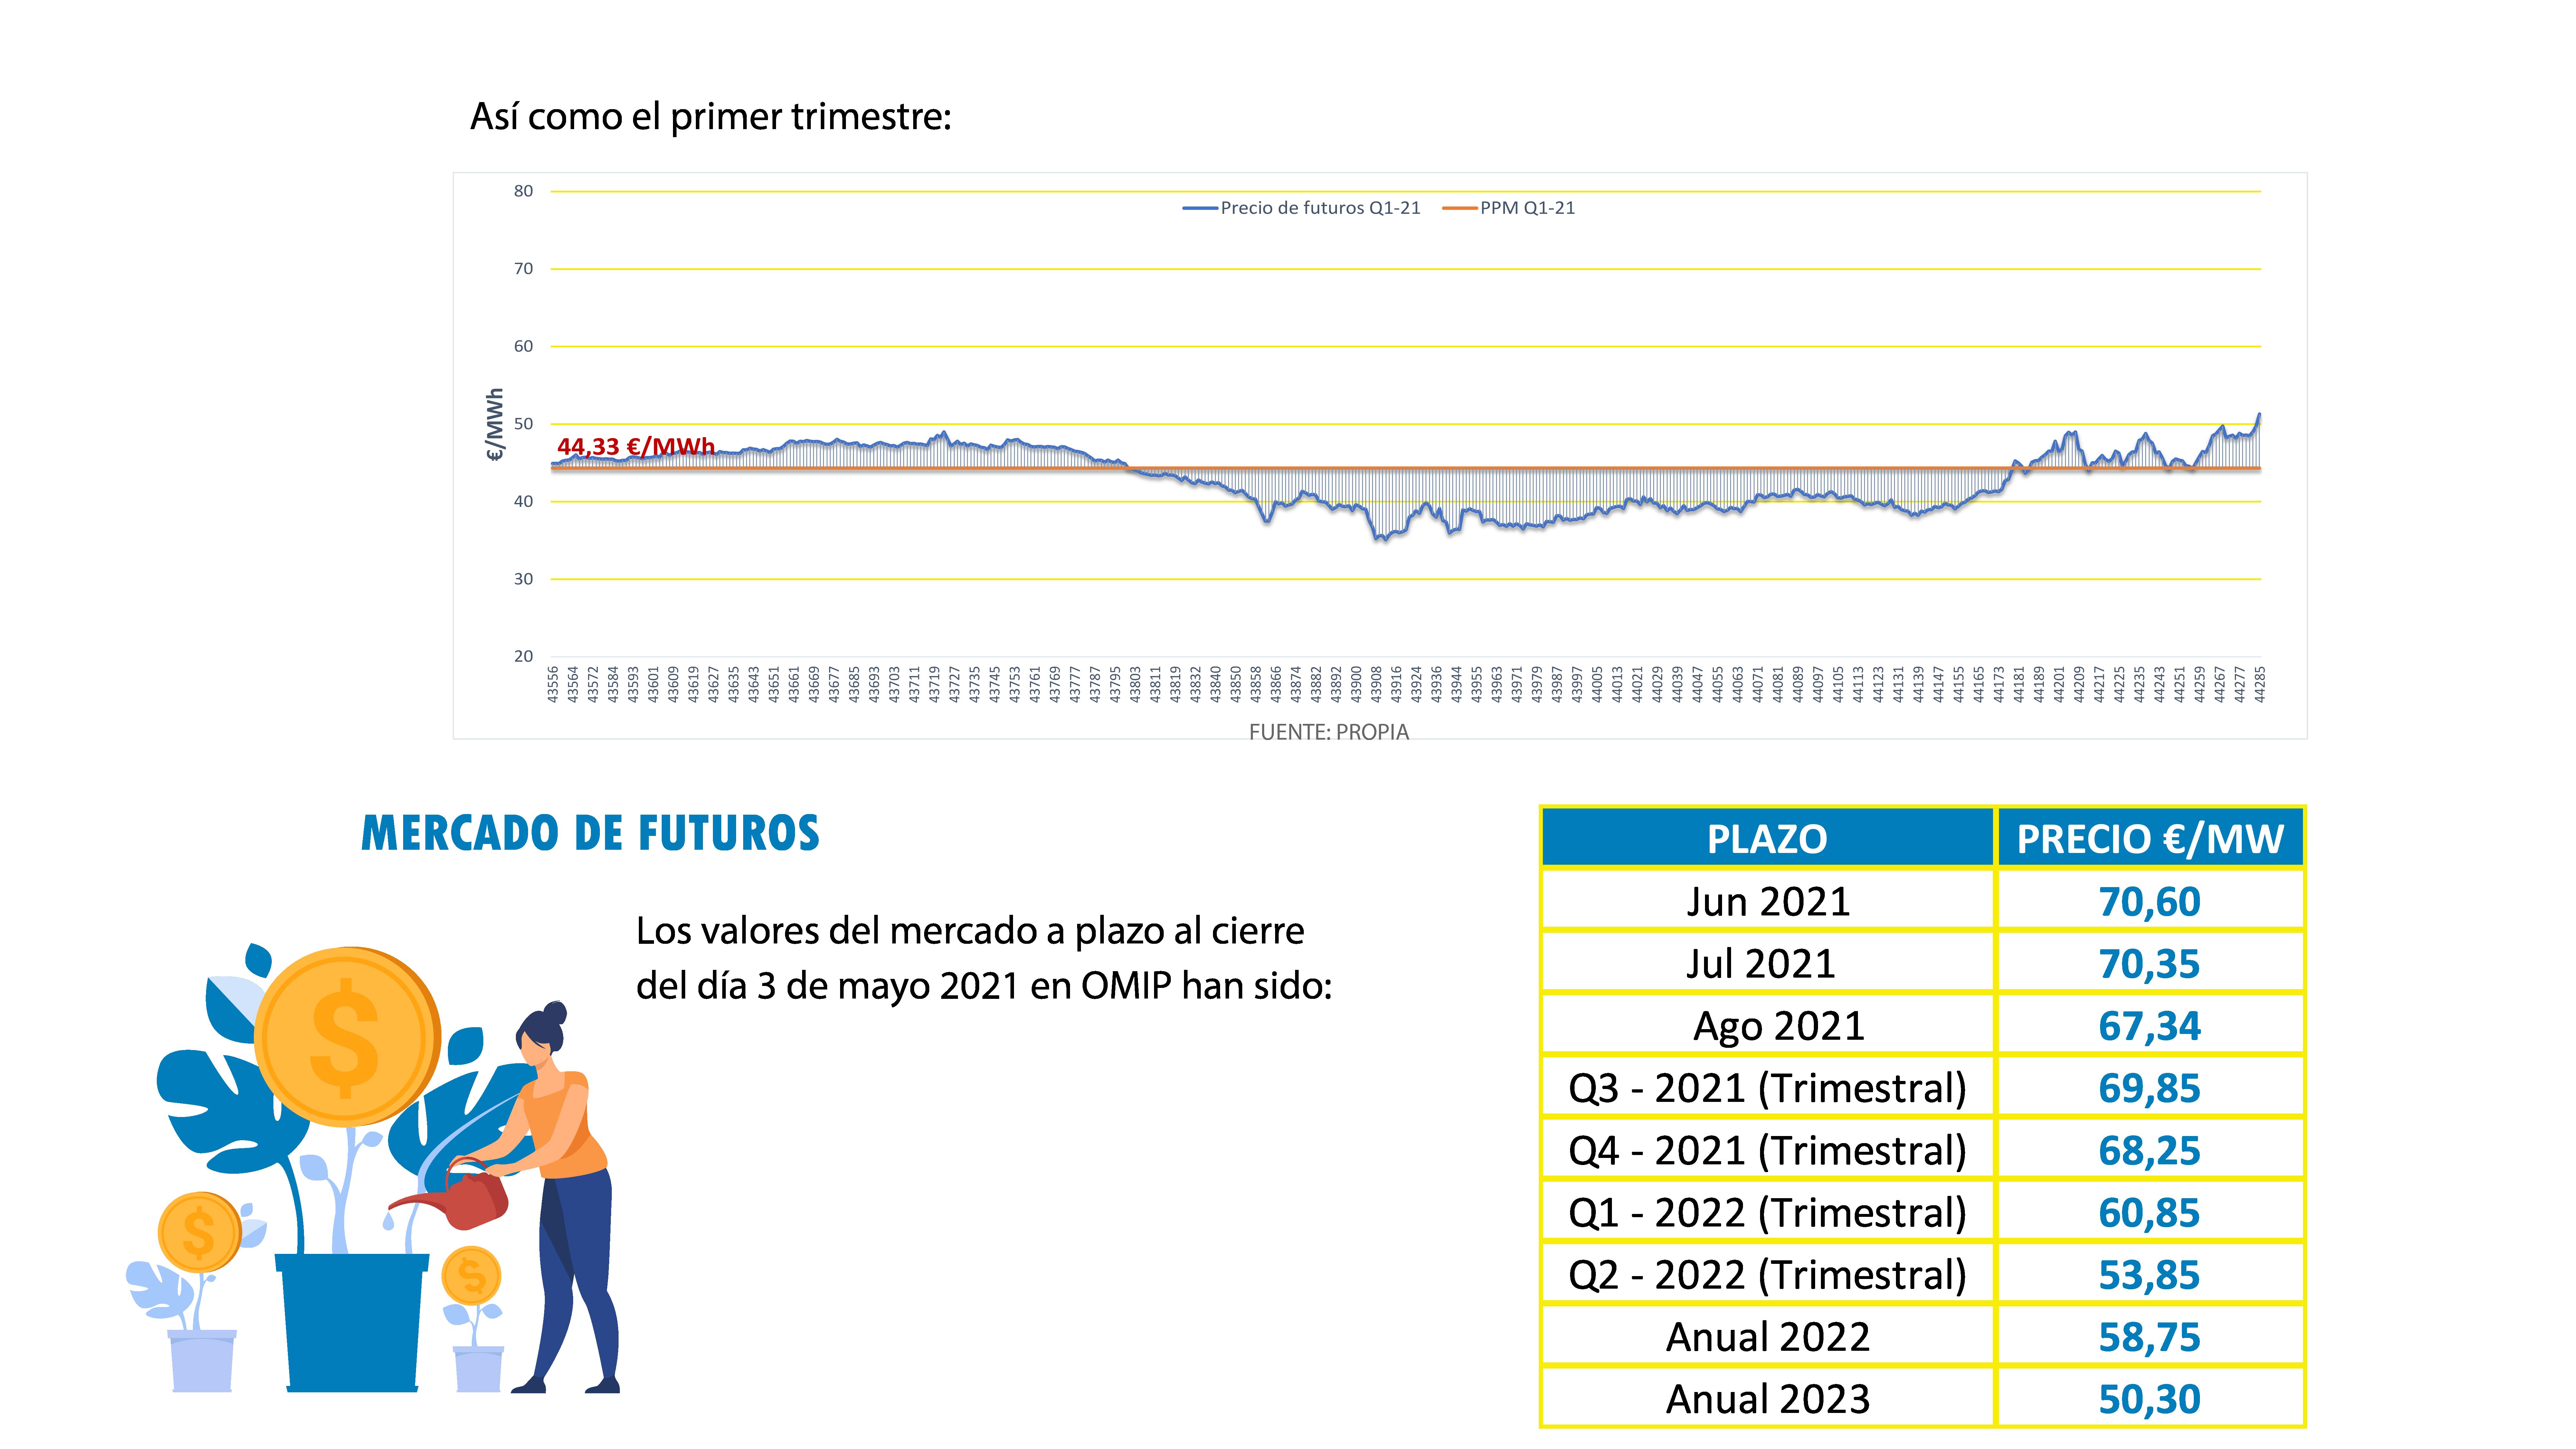 Gráfico que muestra la evolución del mercado de futuros